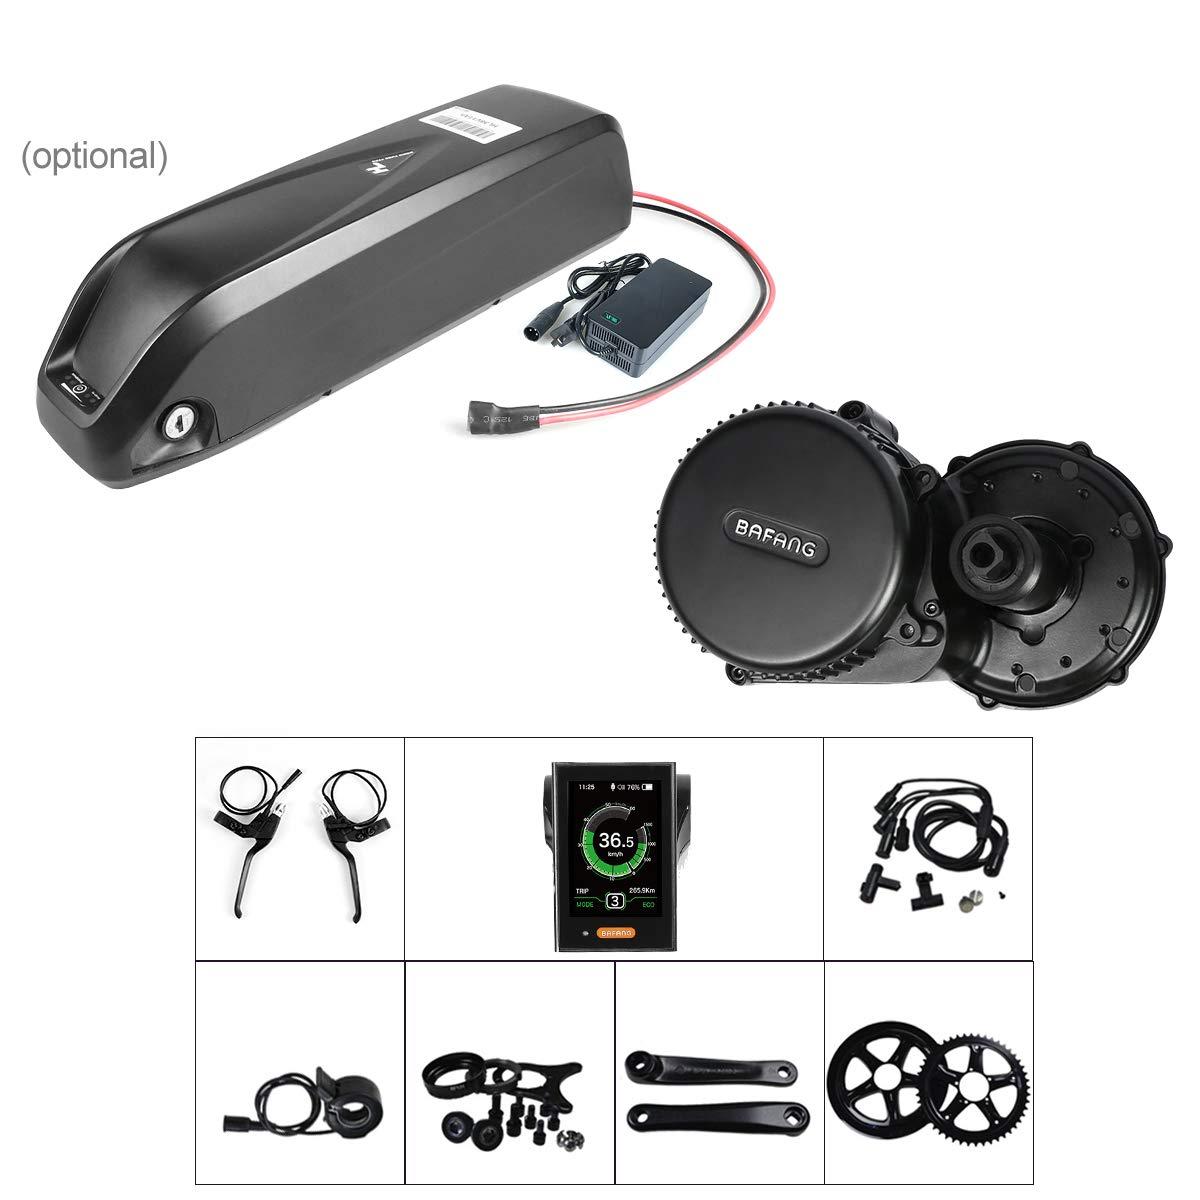 Bafang BBS02B 48V 750W LCDディスプレイ8fun / Bafangミッドドライブ電動バイク変換キットバッテリー付きEbikeモーター B07D5DV4C6 750Wモーター+ 52Tチェーンリング+バッテリー|850Cディスプレイ 850Cディスプレイ 750Wモーター+ 52Tチェーンリング+バッテリー